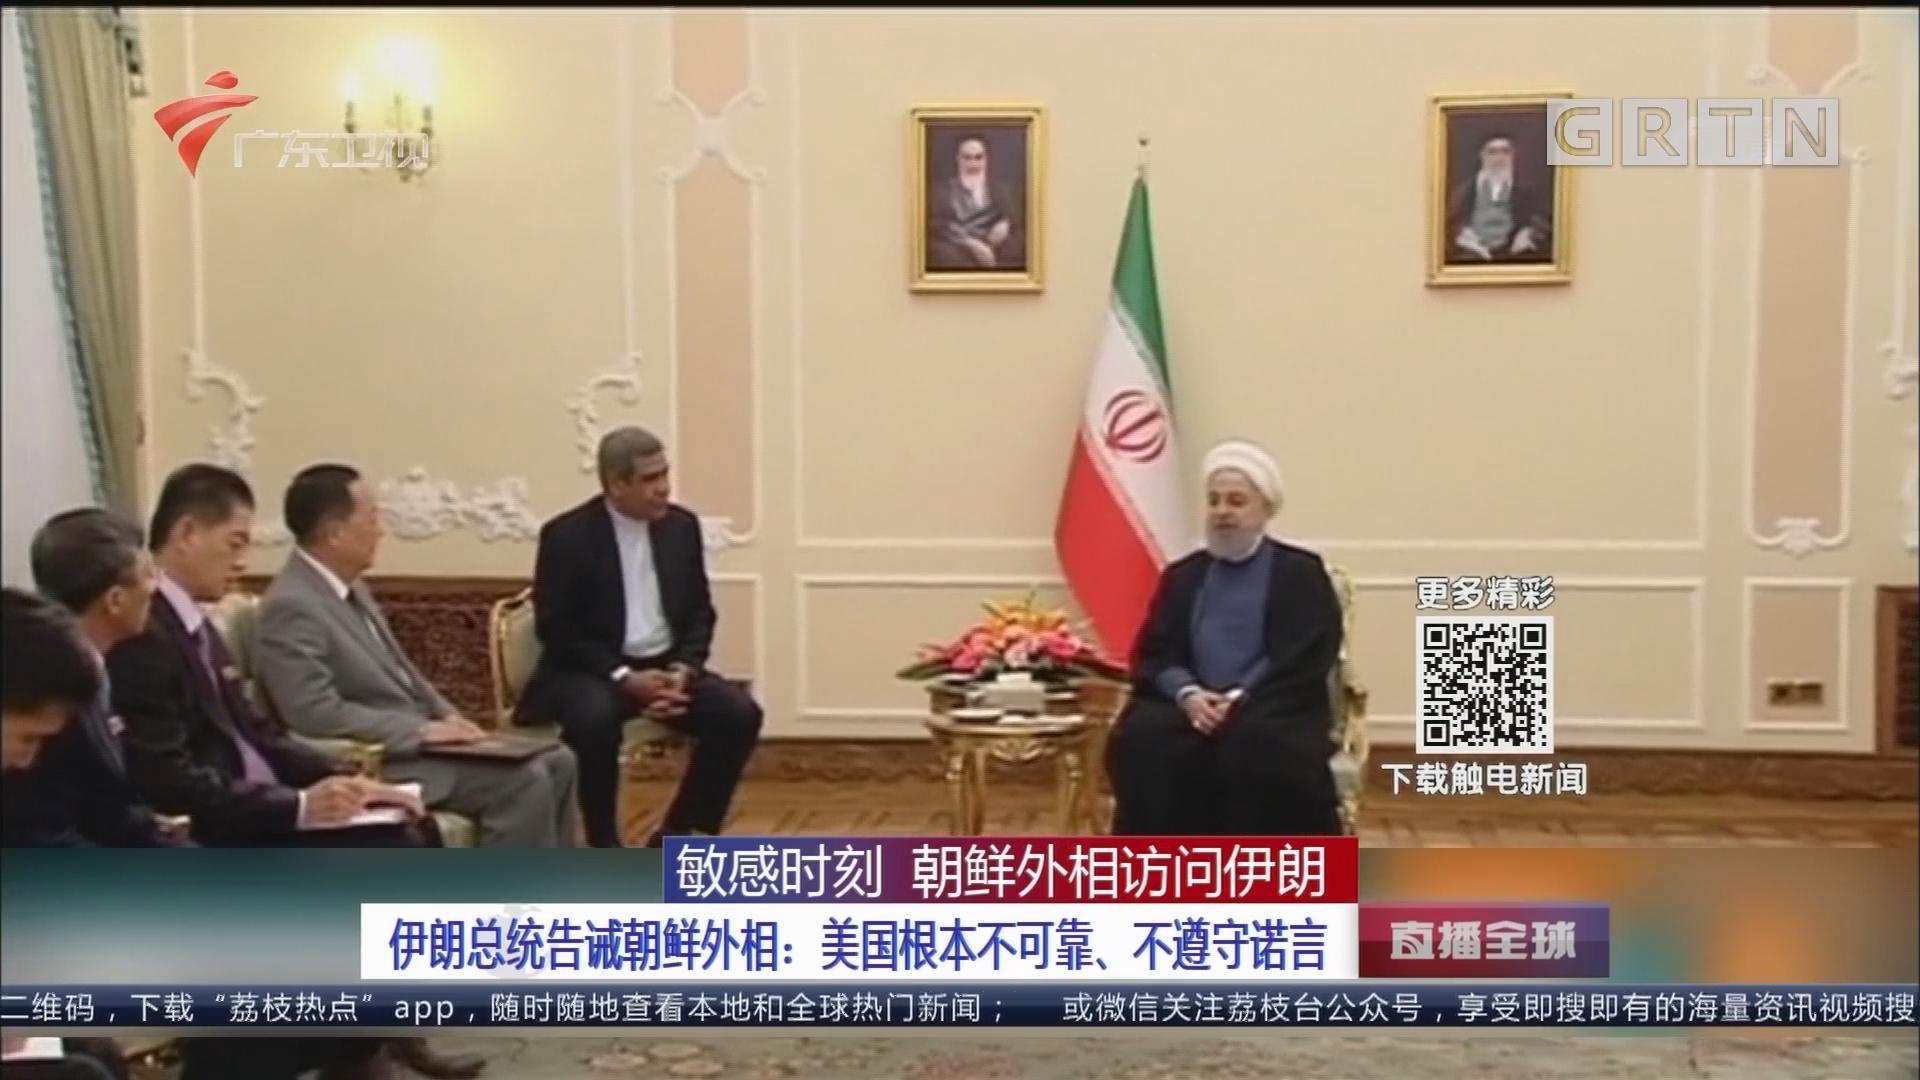 敏感时刻 朝鲜外相访问伊朗 伊朗总统告诫朝鲜外相:美国根本不可靠、不遵守诺言